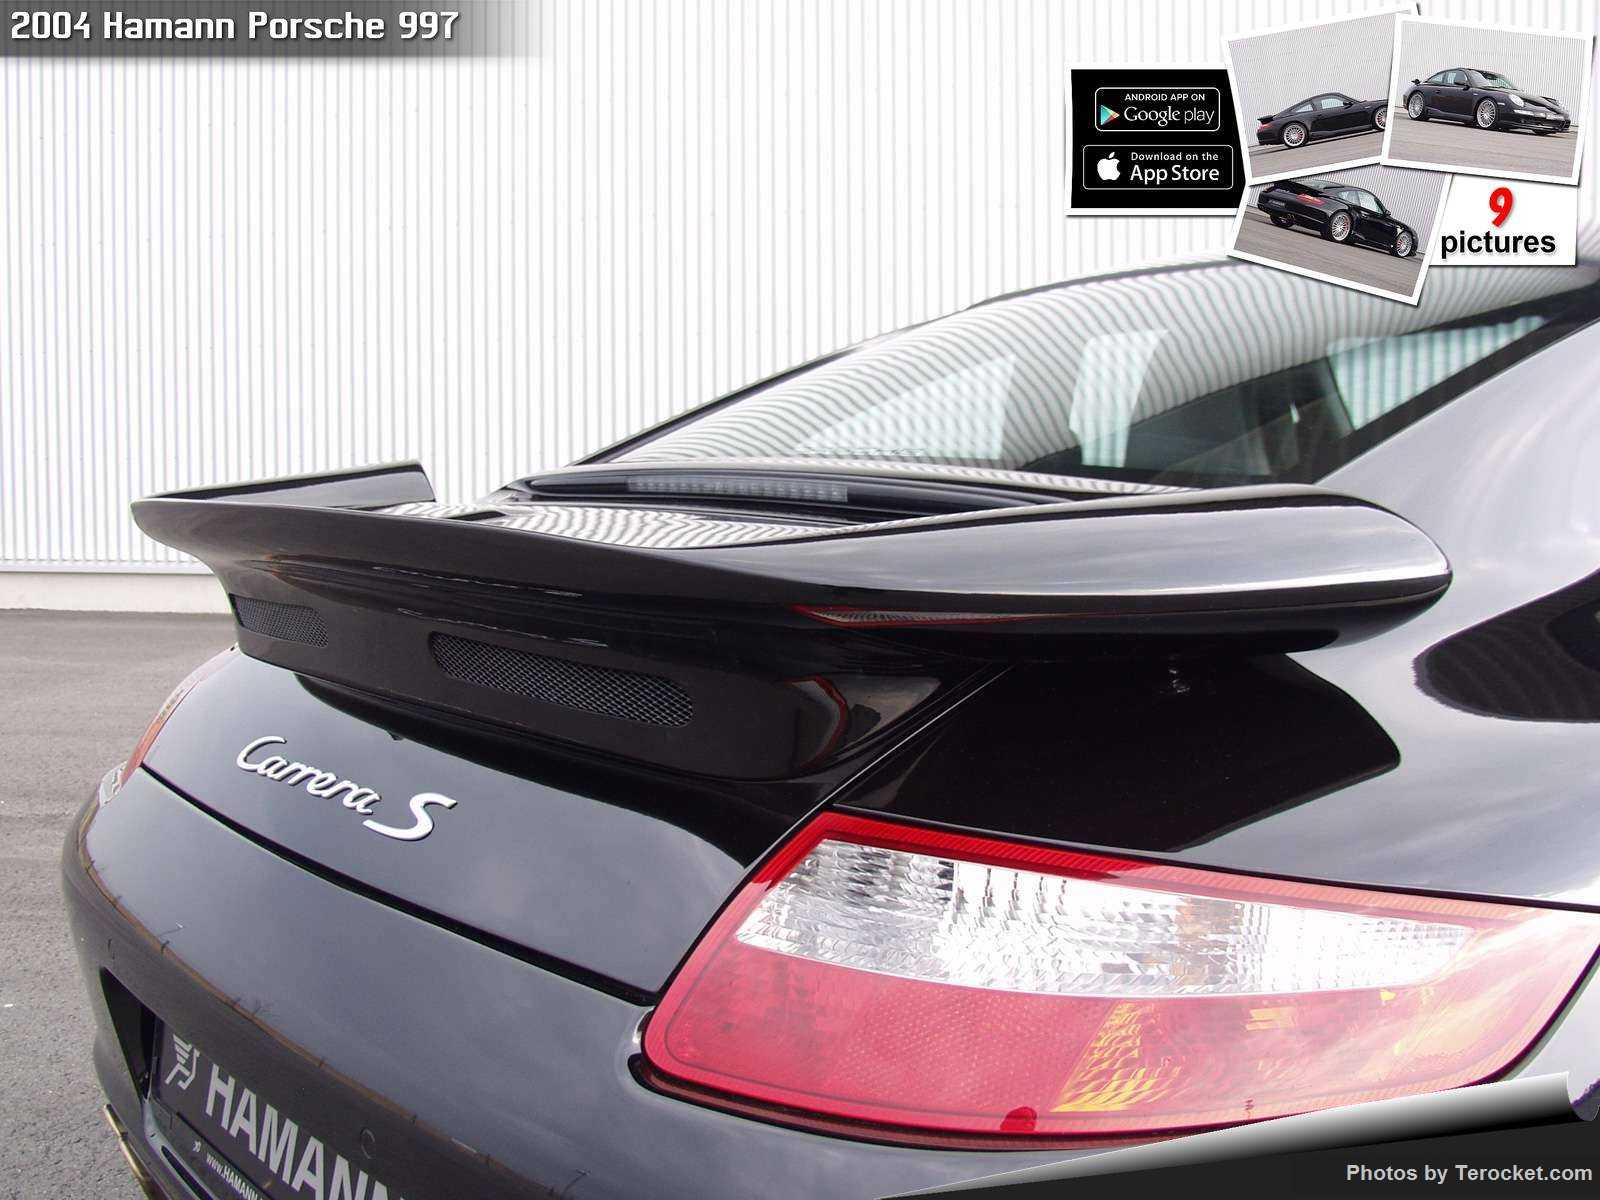 Hình ảnh xe ô tô Hamann Porsche 997 2004 & nội ngoại thất